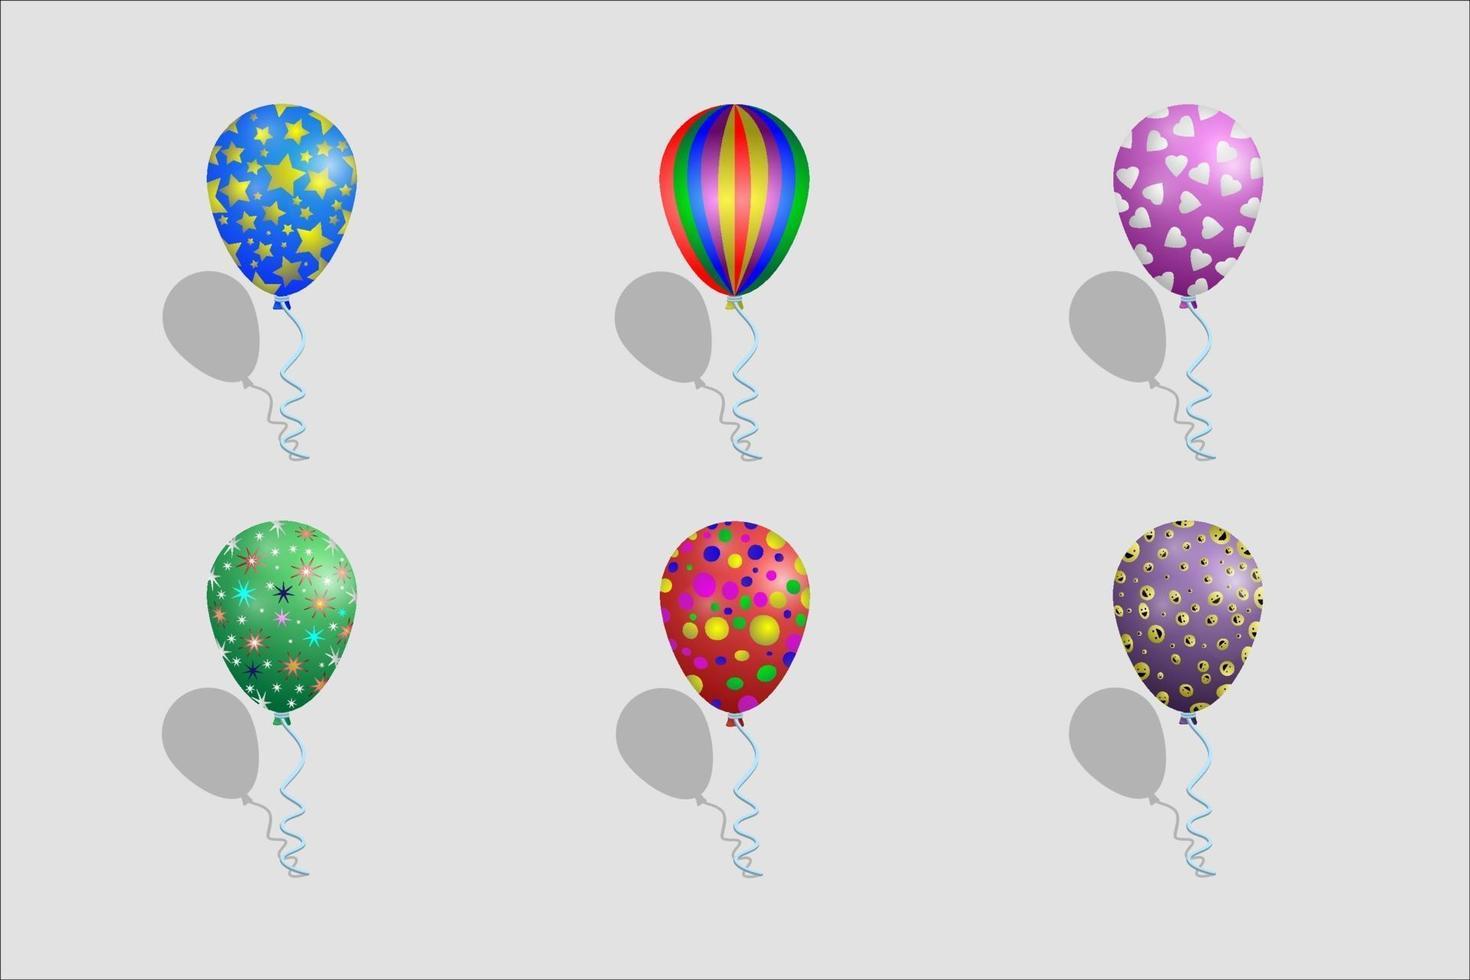 Luftballons mit verschiedenen Mustern vektor